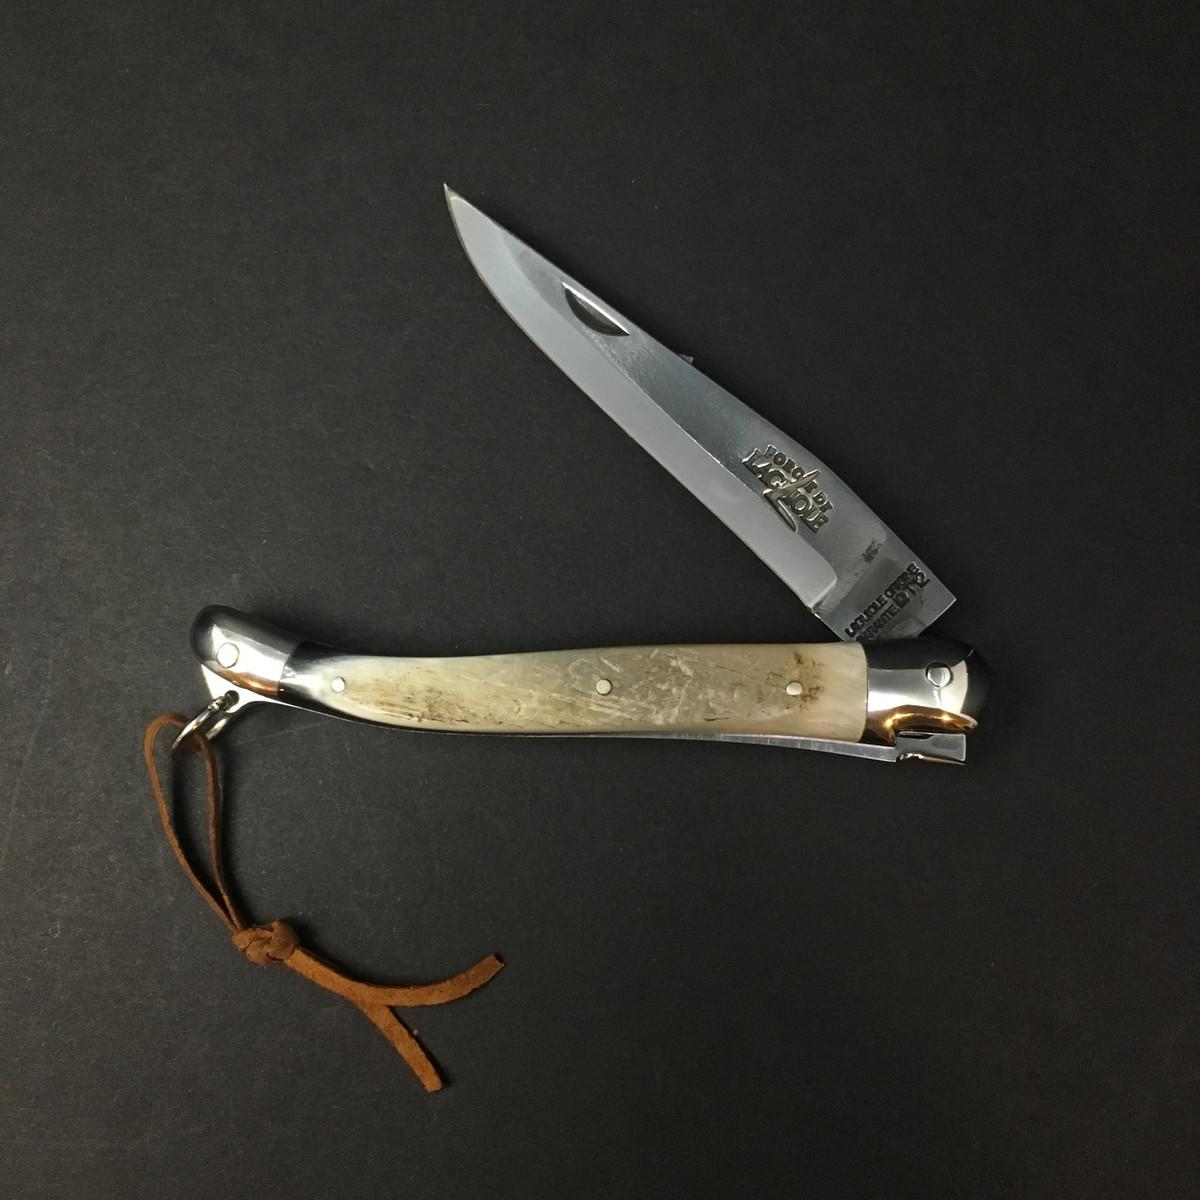 Forge De Laguiole - 11cm - Aubrac Brut De Forge - Cow Horn